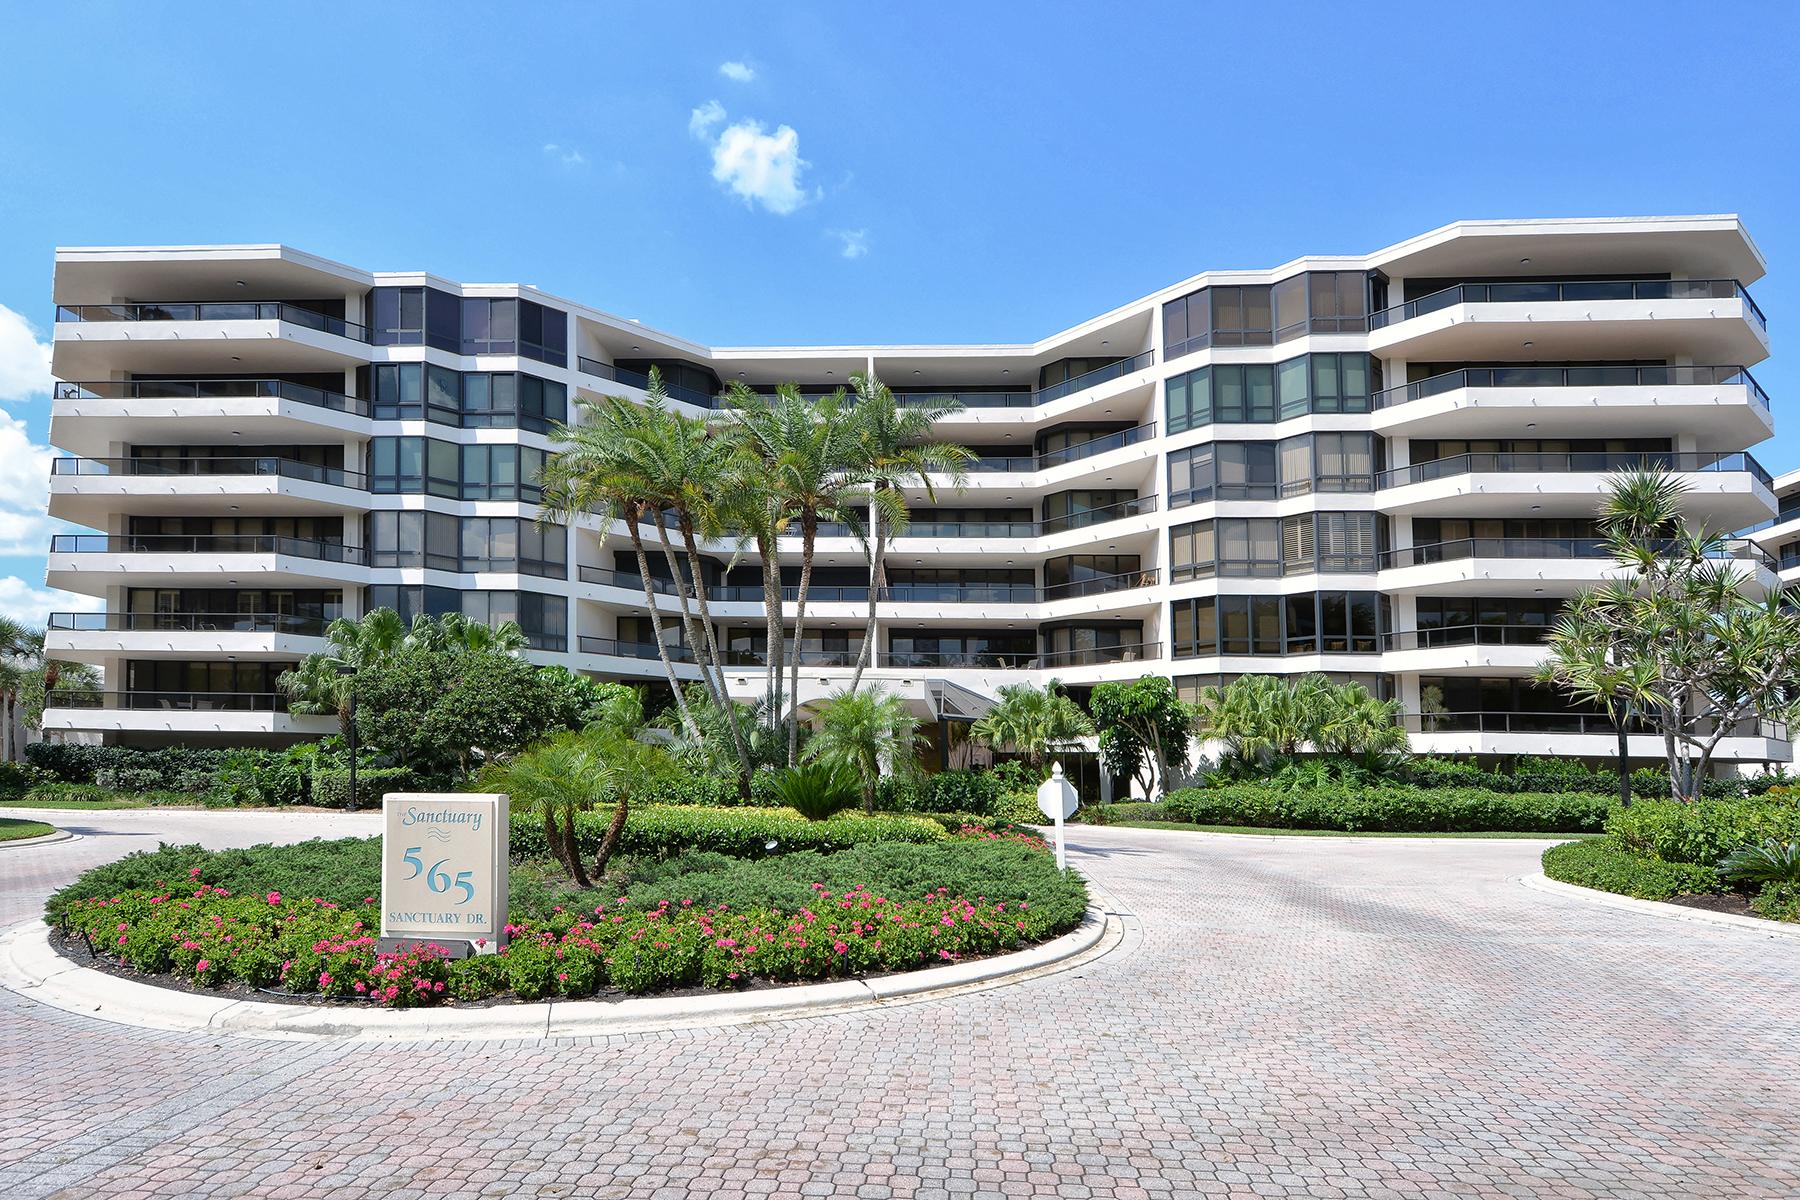 コンドミニアム のために 売買 アット LONGBOAT KEY 565 Sanctuary Dr A202 Longboat Key, フロリダ 34228 アメリカ合衆国